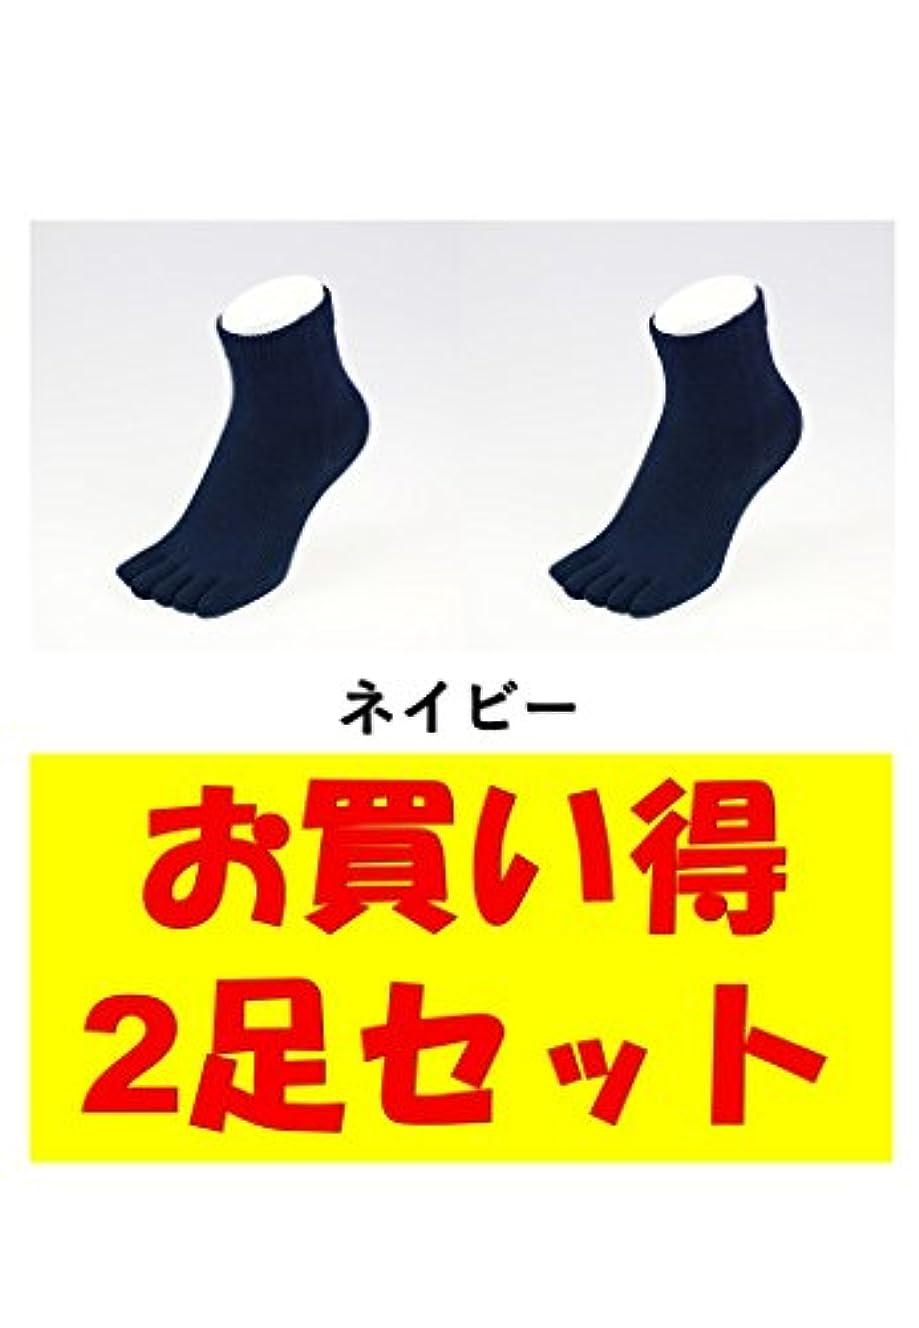 資産収入メイドお買い得2足セット 5本指 ゆびのばソックス Neo EVE(イヴ) ネイビー iサイズ(23.5cm - 25.5cm) YSNEVE-NVY